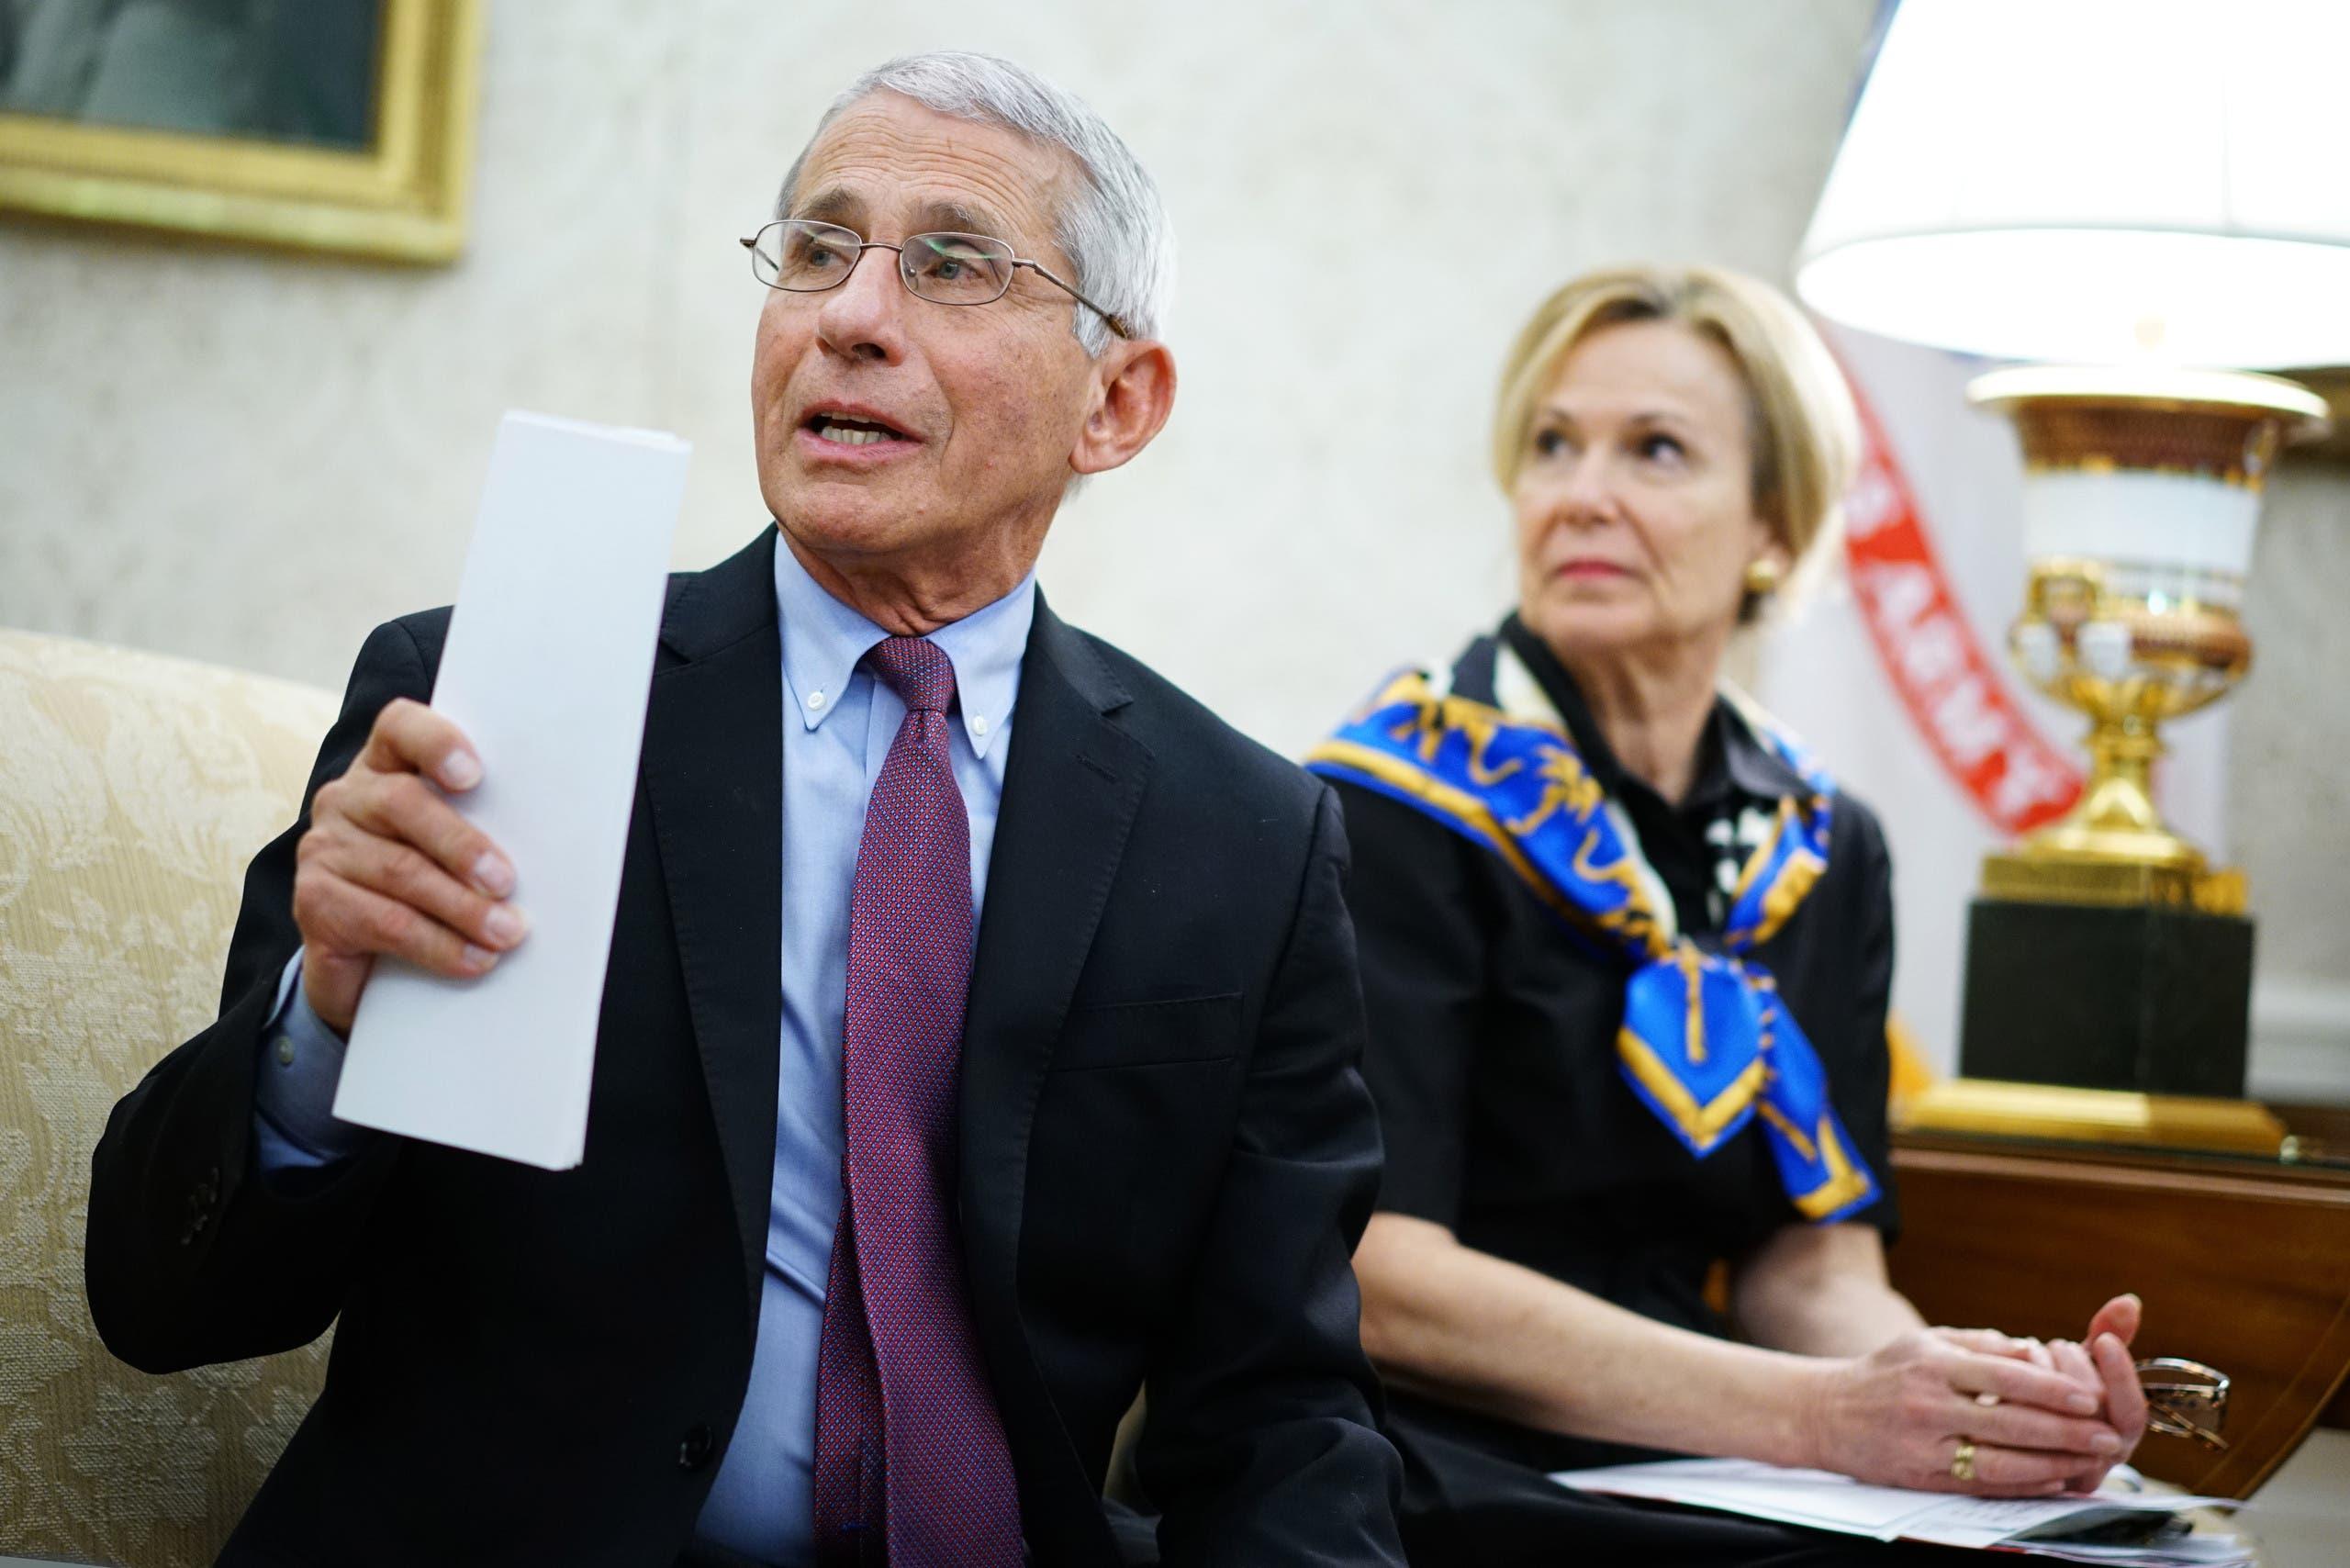 مدير المعهد الوطني للأمراض المعديةفي الولايات المتحدة، أنطوني فاوتشي